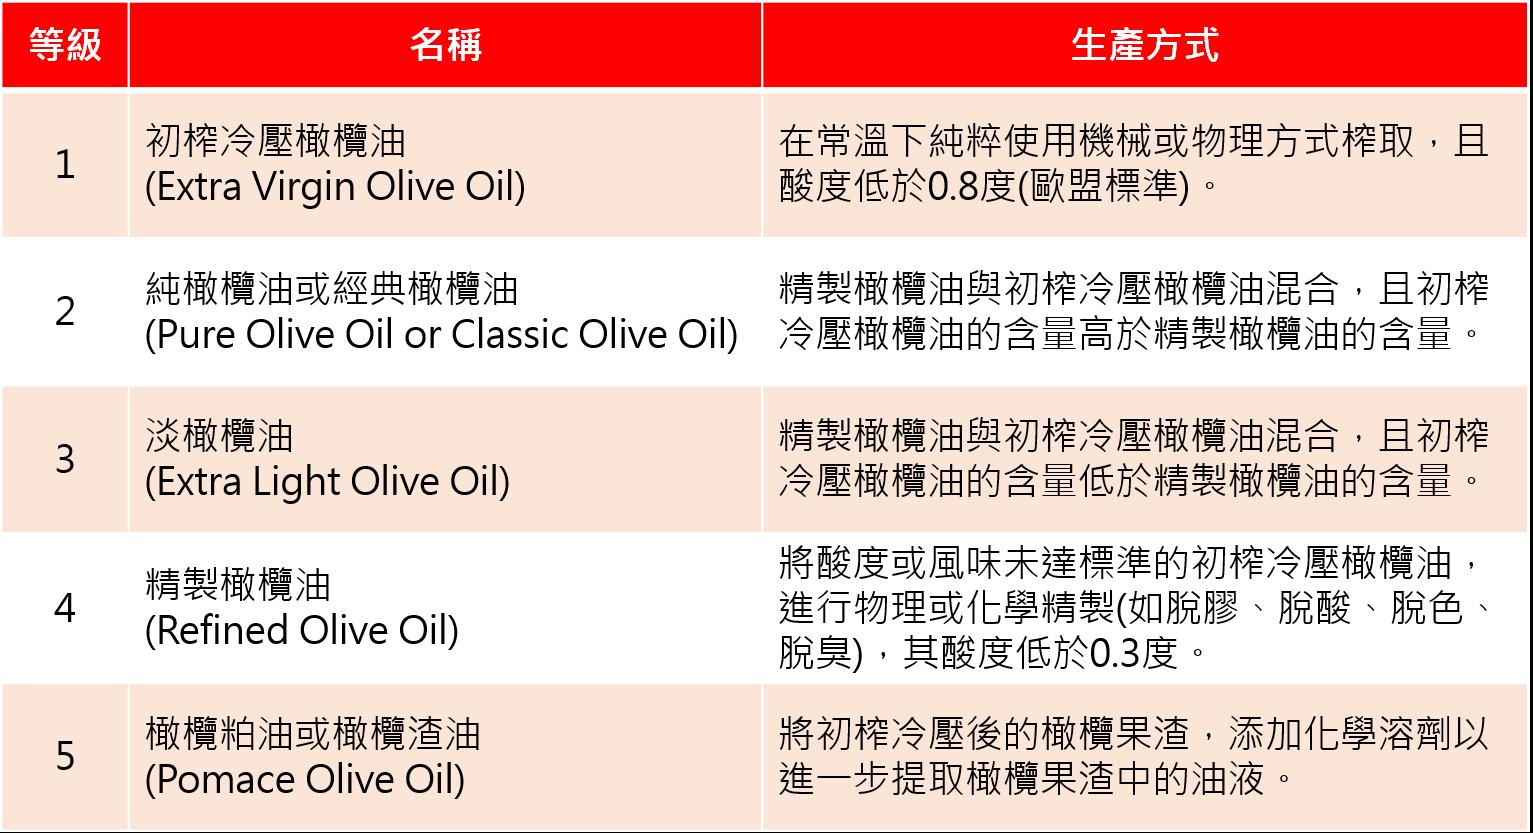 輕鬆搞懂橄欖油等級分類